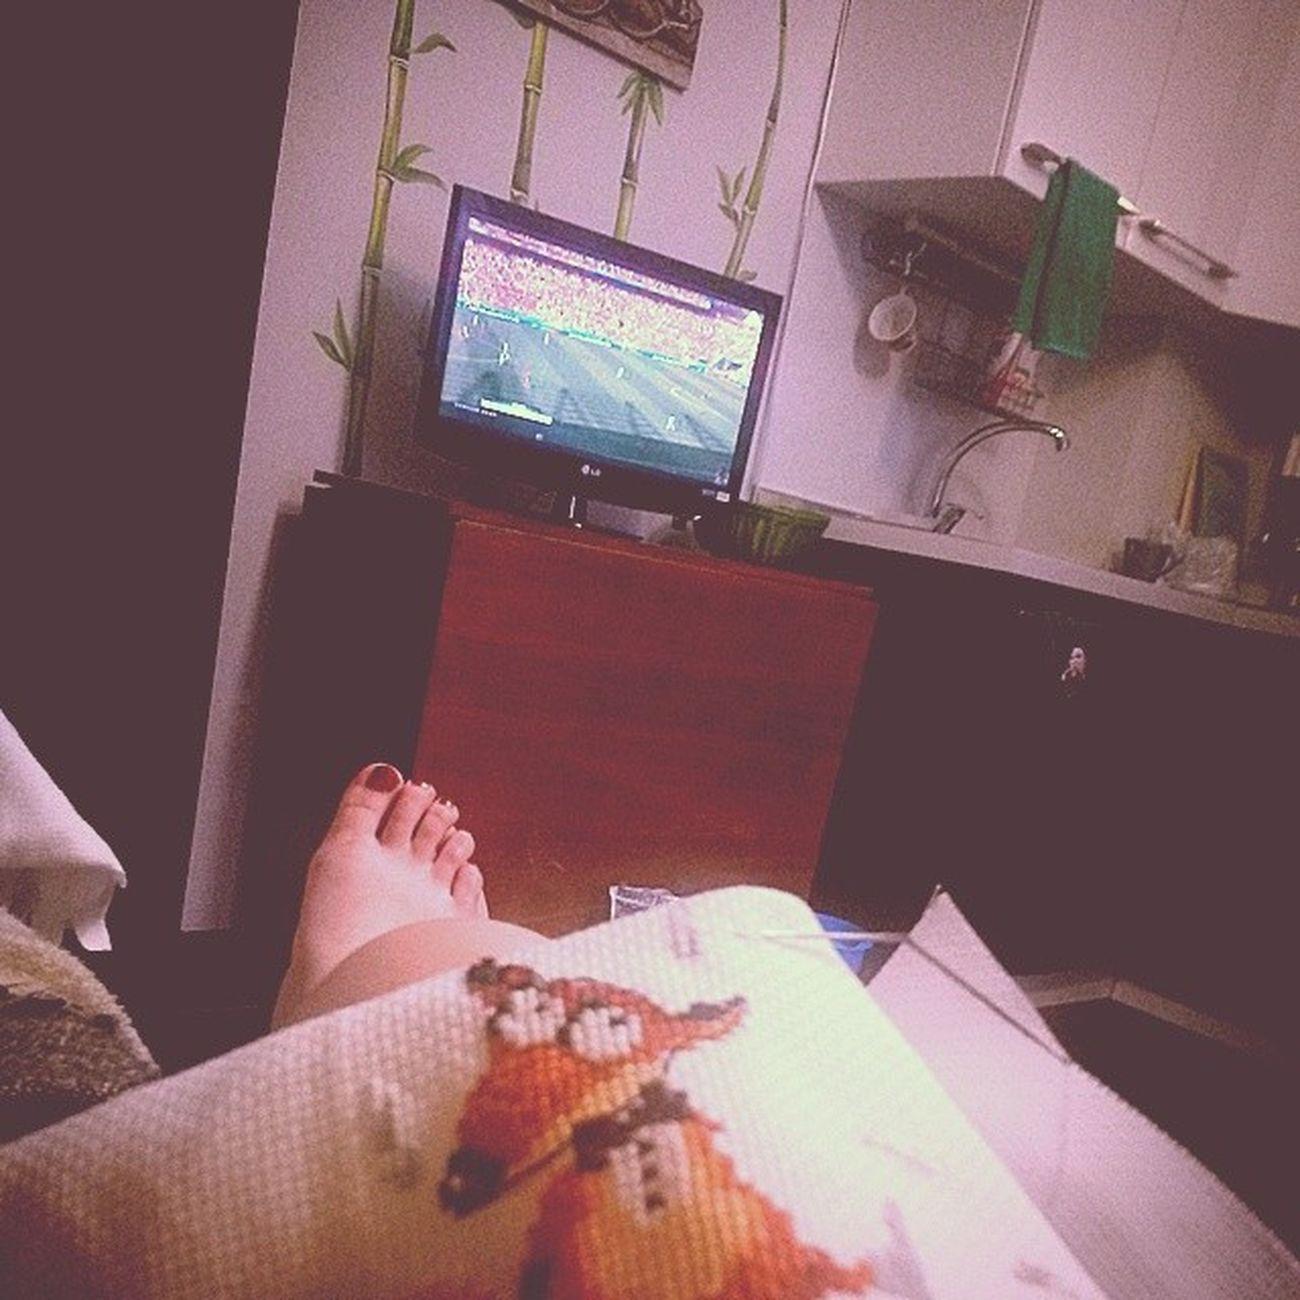 Ссылка на кухню) сижу, вышиваю смешную лису и смотрю ЧМ2014 болею за голландцев :D